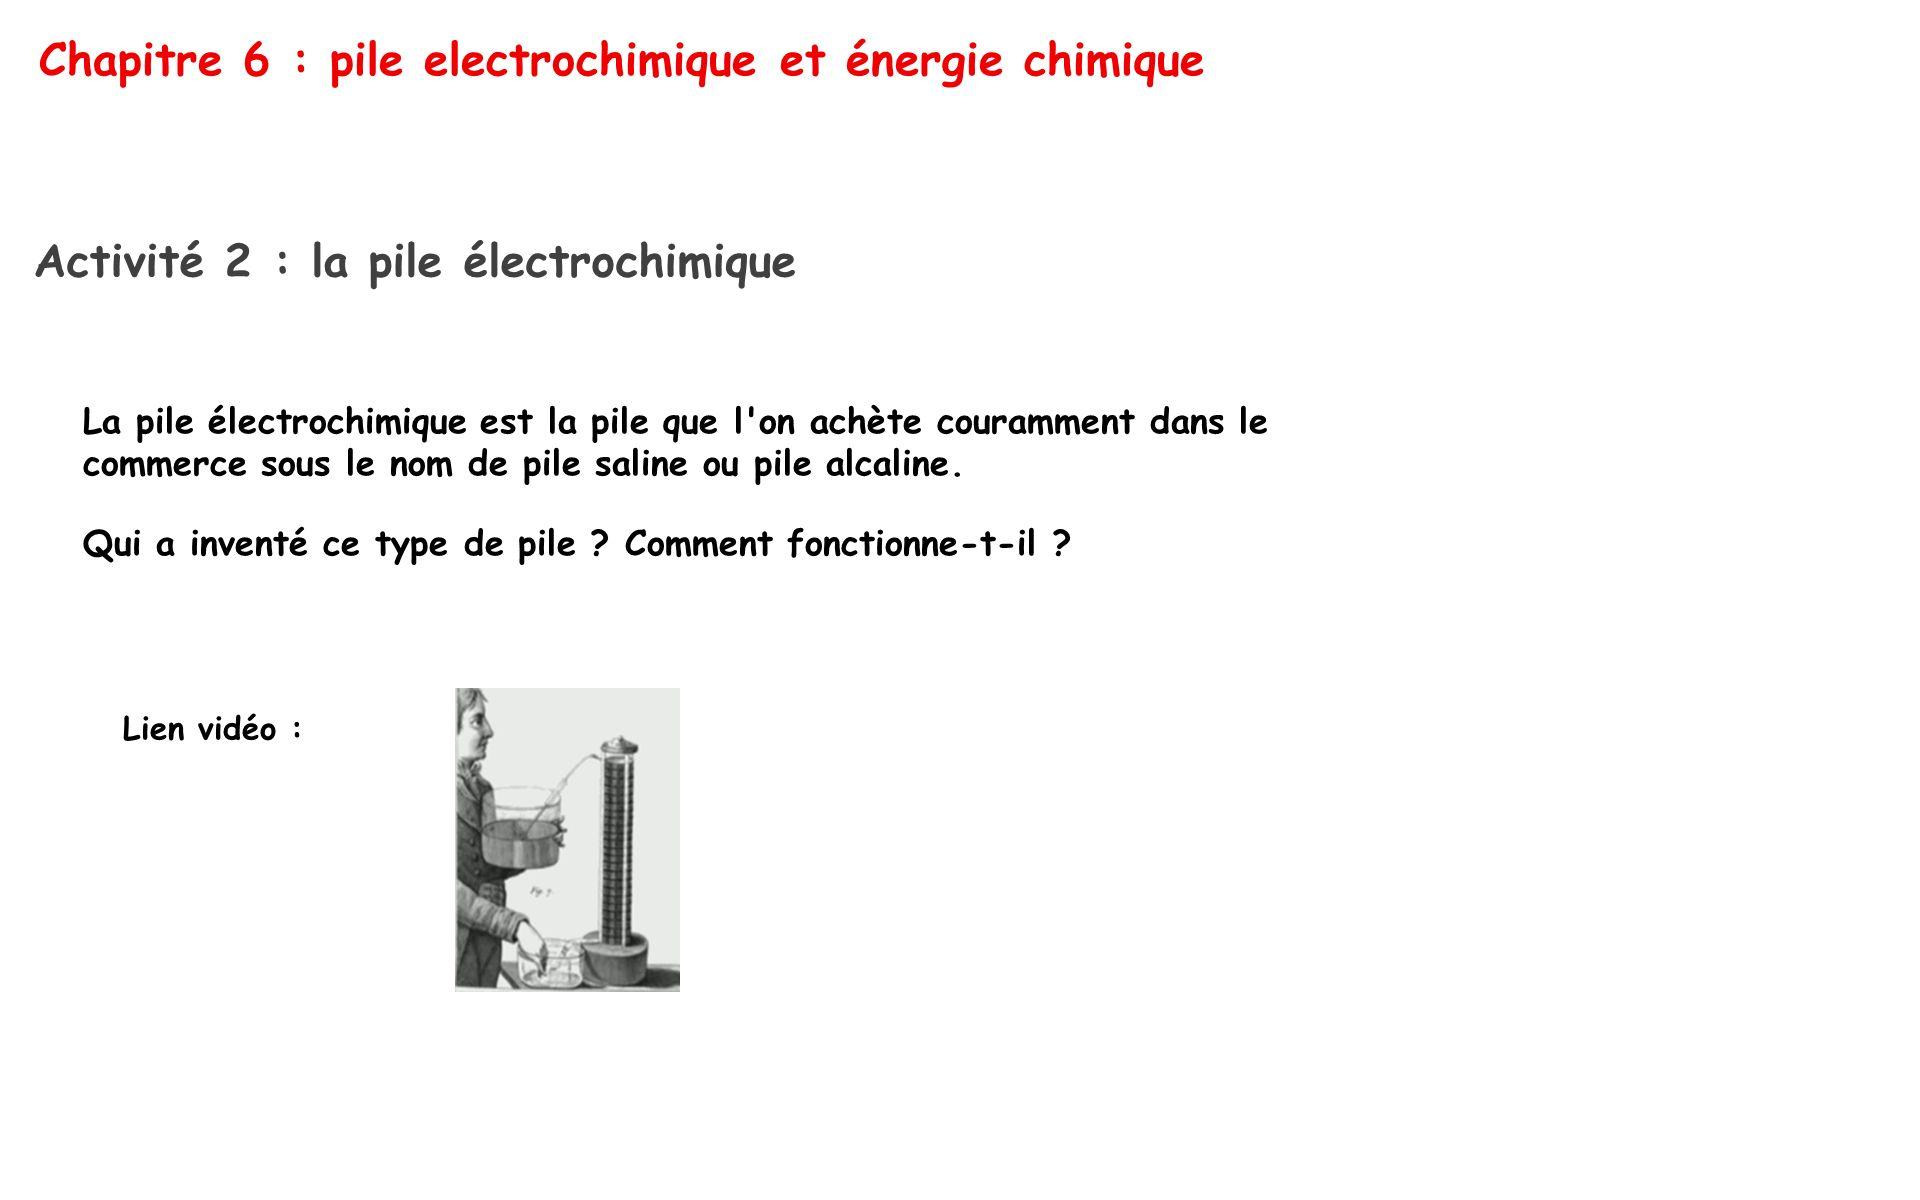 Chapitre 6 : pile electrochimique et énergie chimique